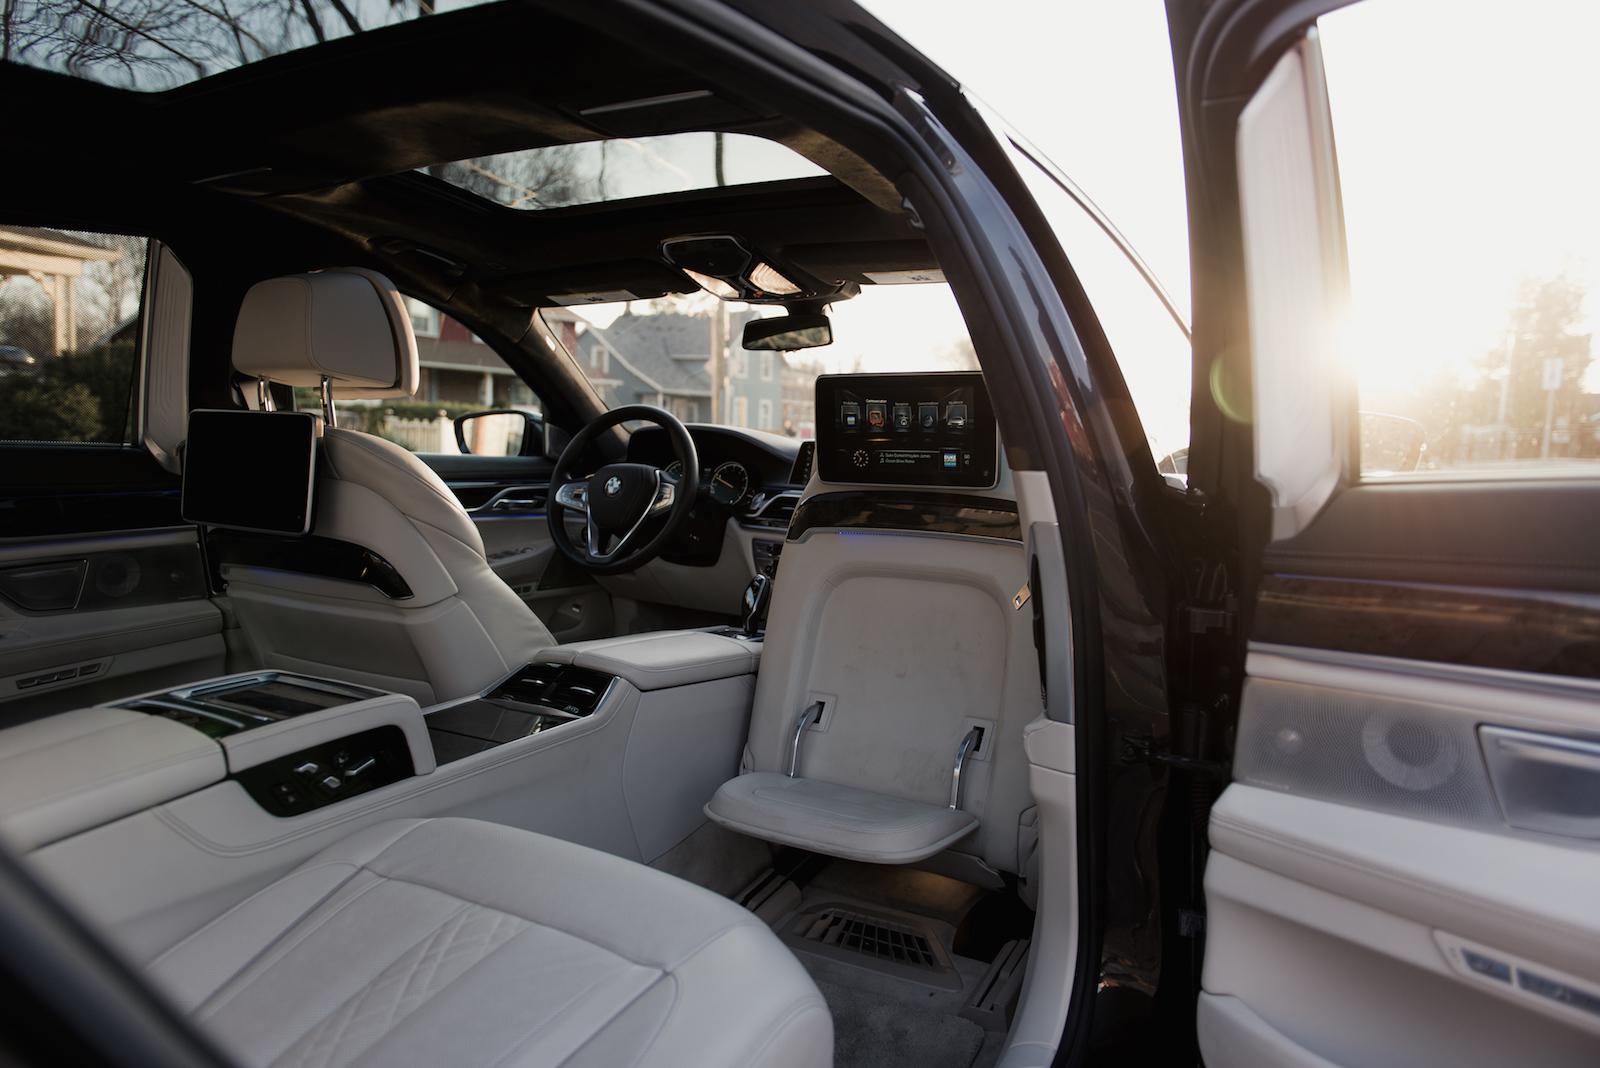 2016 BMW 750Li XDrive Rear Executive Lounge